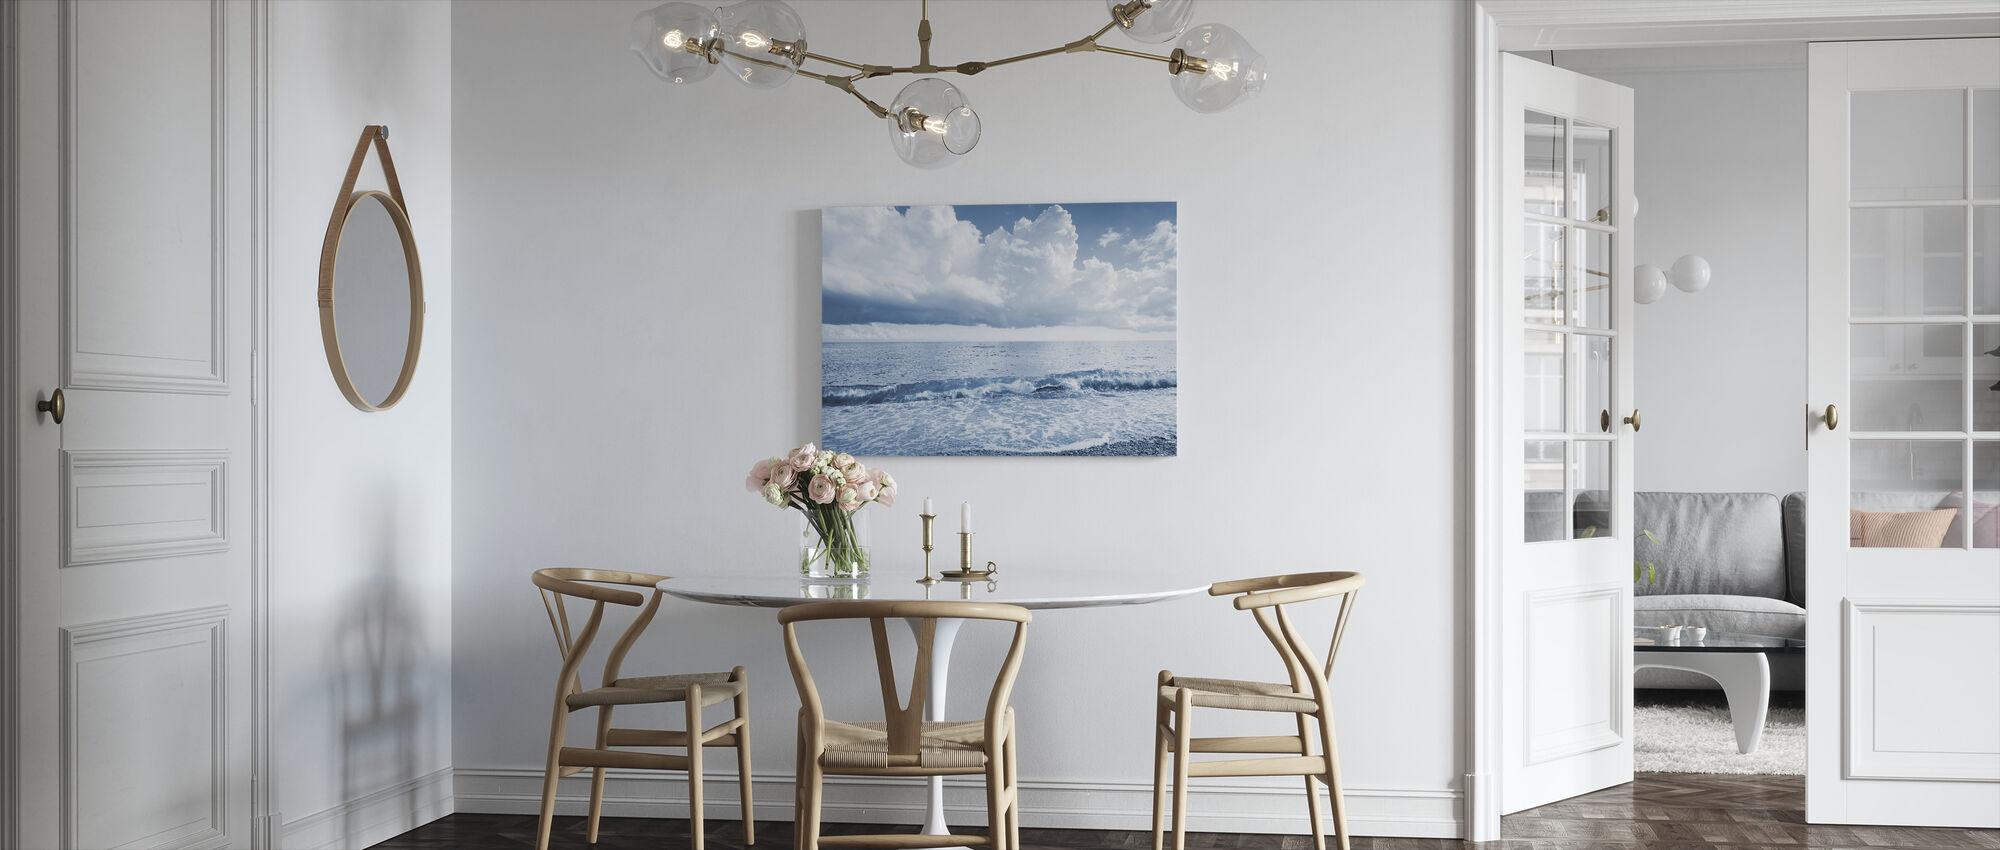 Meri ja dramaattiset pilvet - Canvastaulu - Keittiö